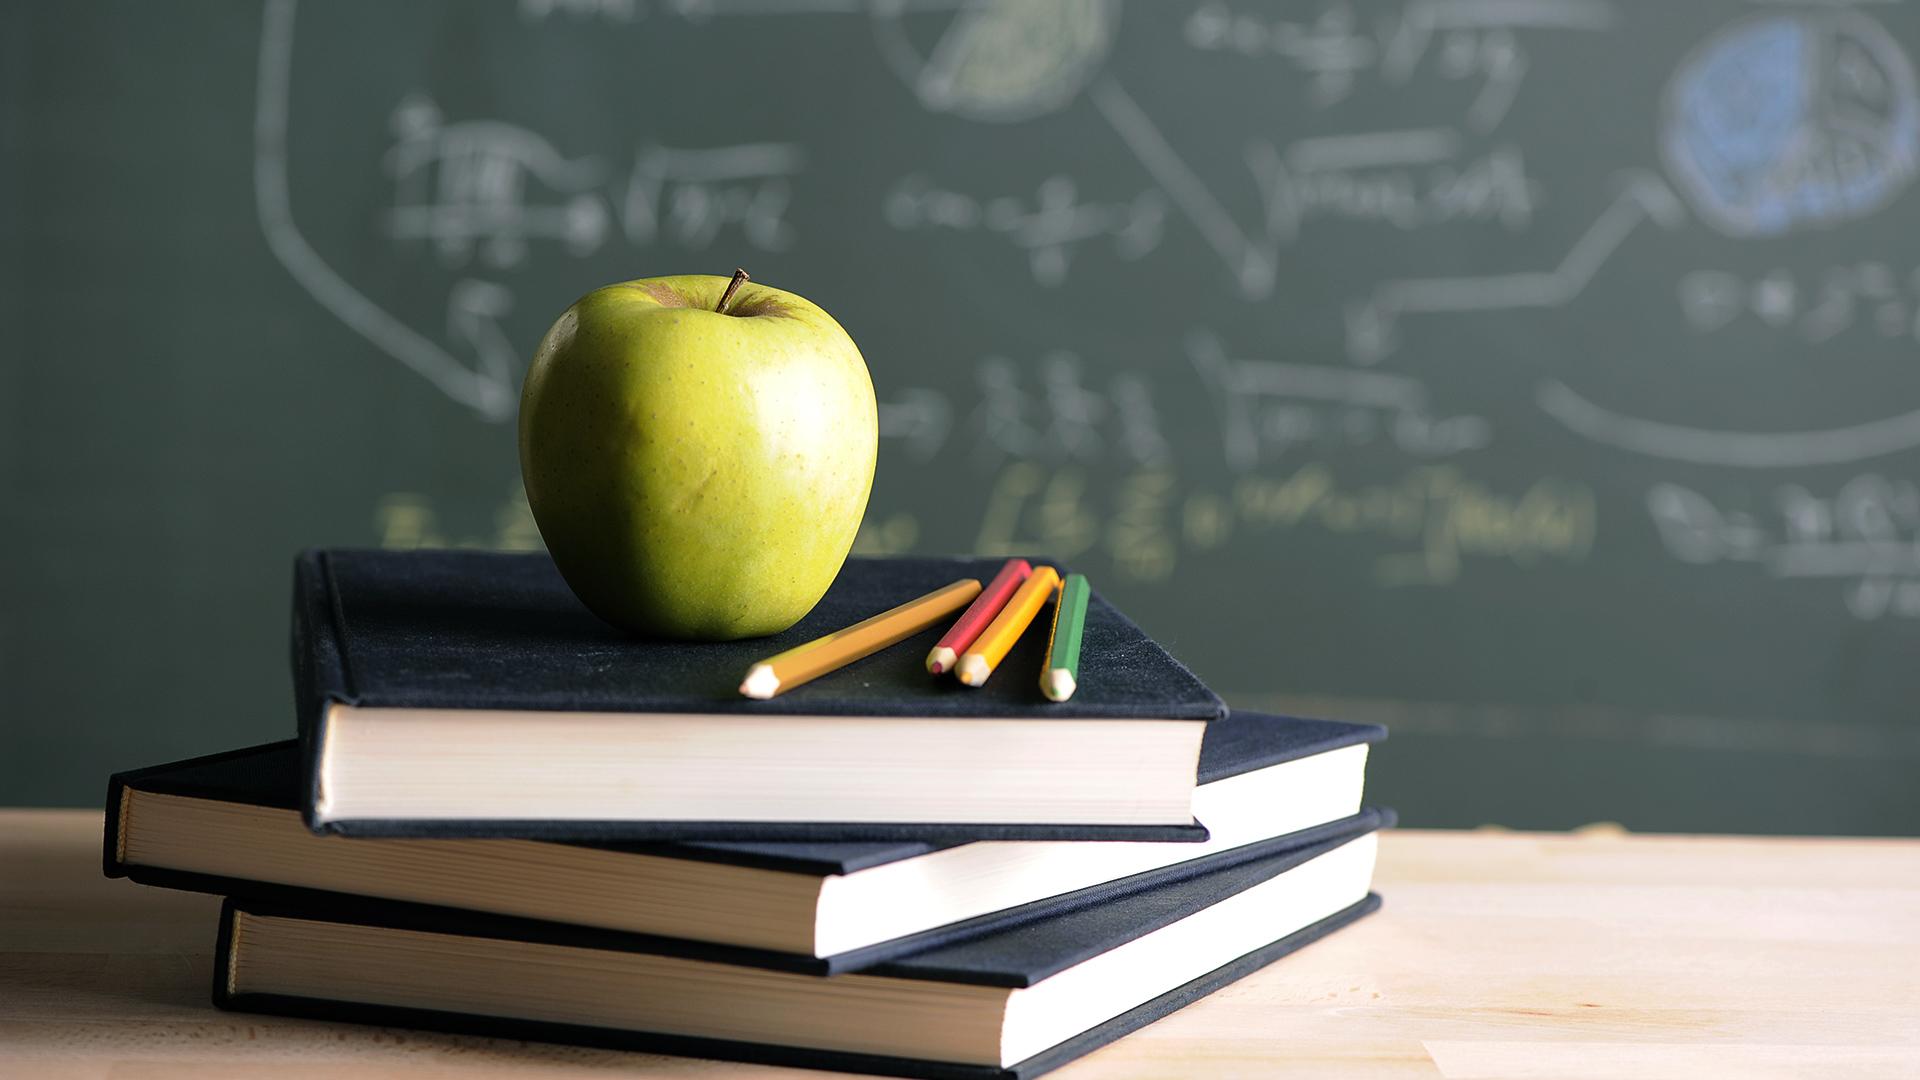 Черкаські заклади освіти готові до початку навчального року – Анатолій Бондаренко